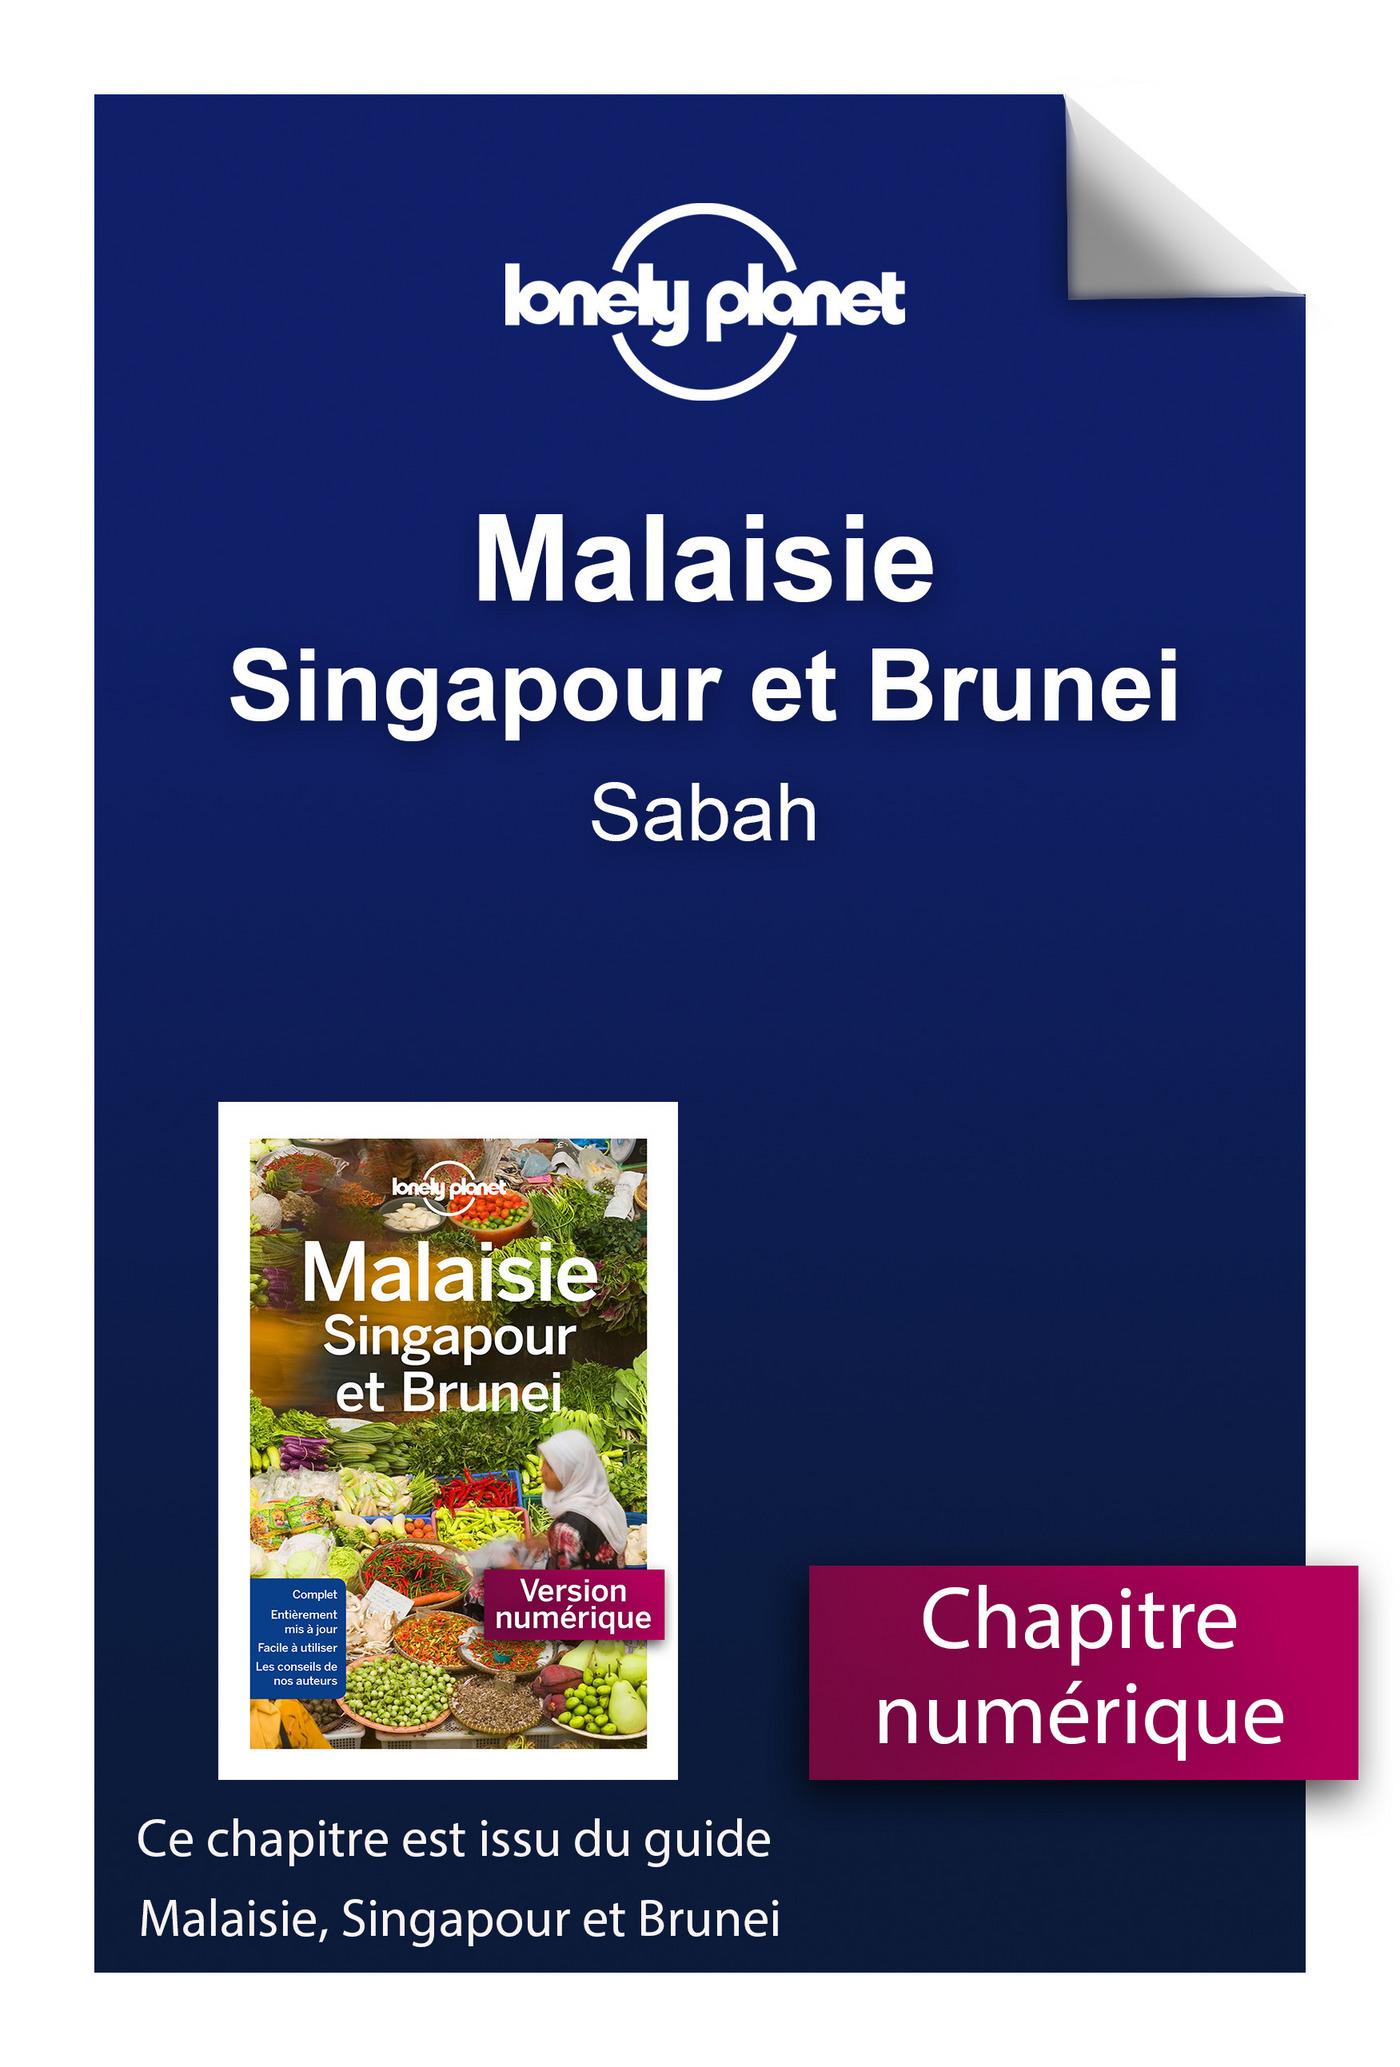 Malaisie, Singapour et Brunei - Sabah